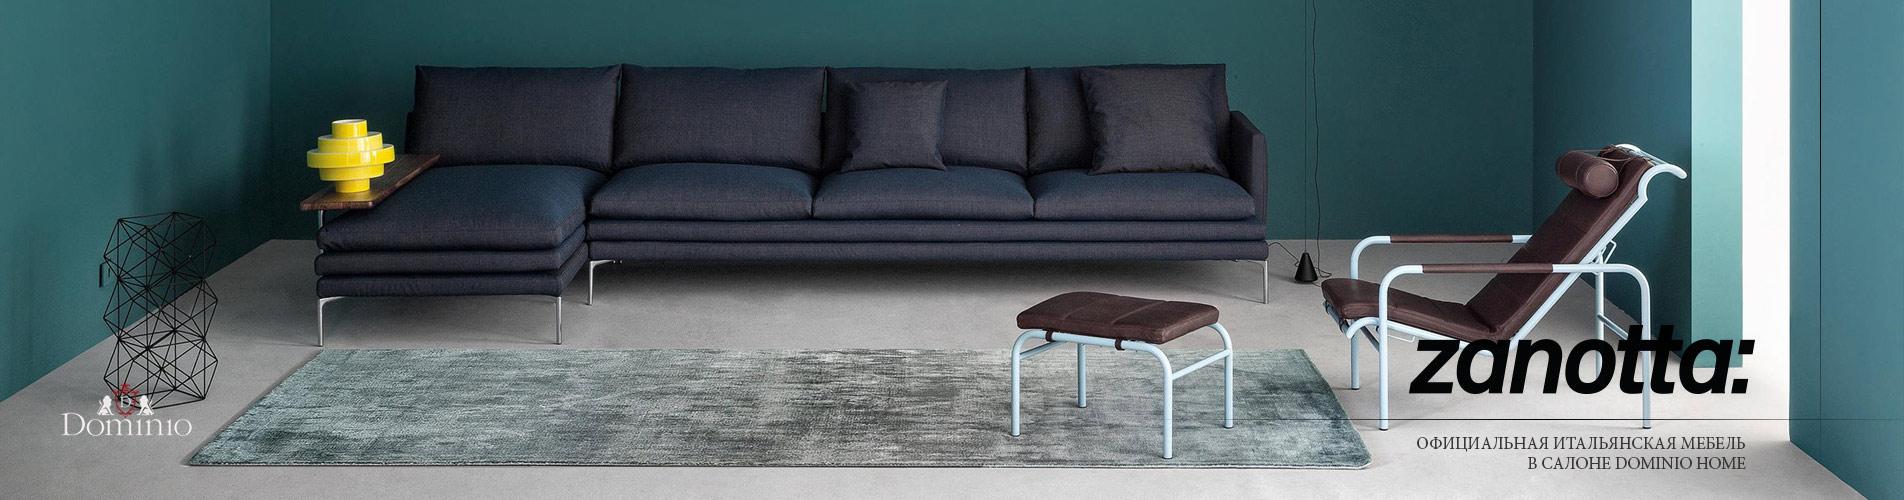 Итальянские мебель